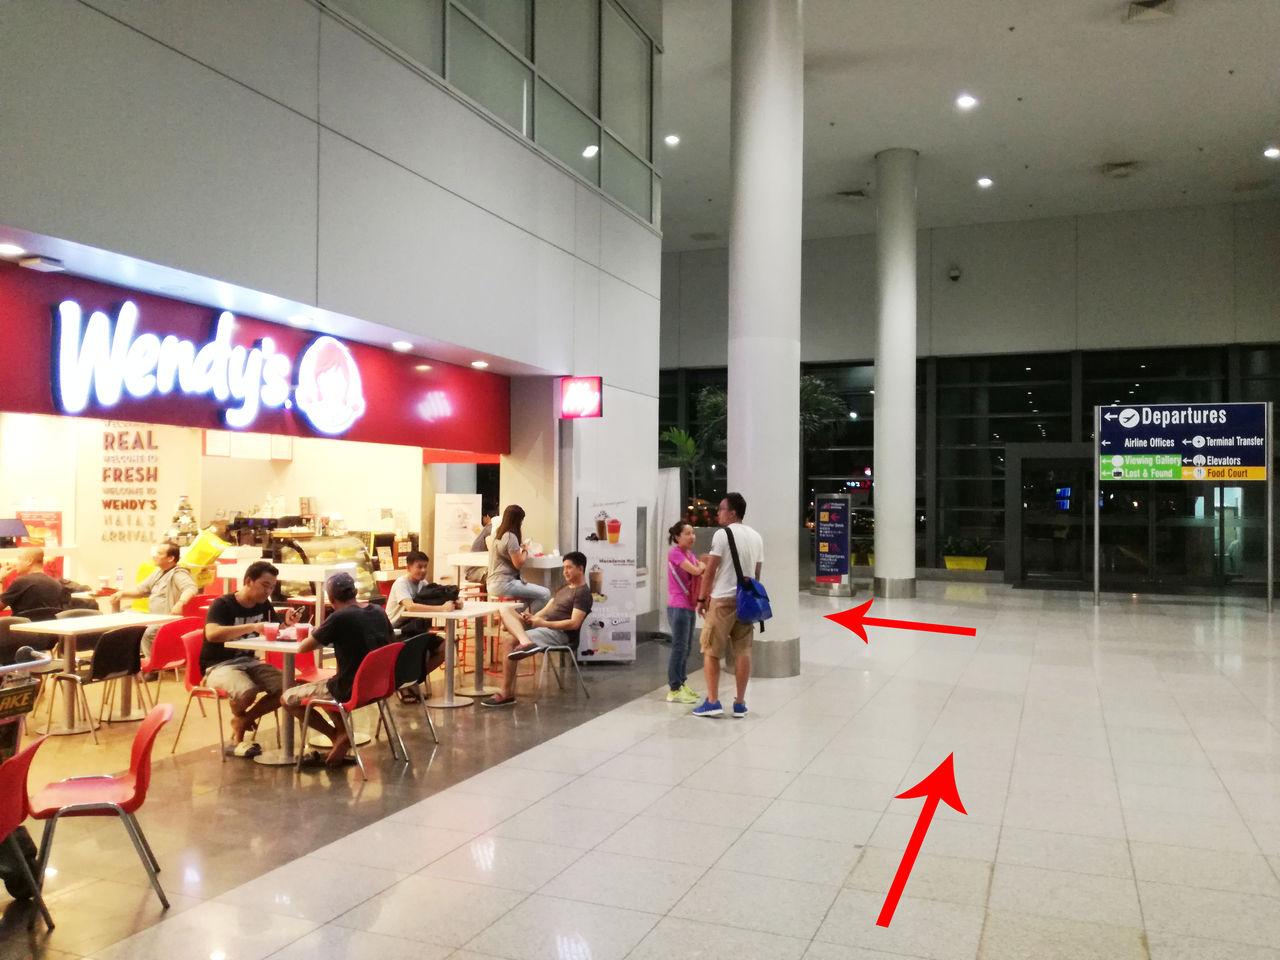 マニラ空港第3ターミナル ウェンディーズ